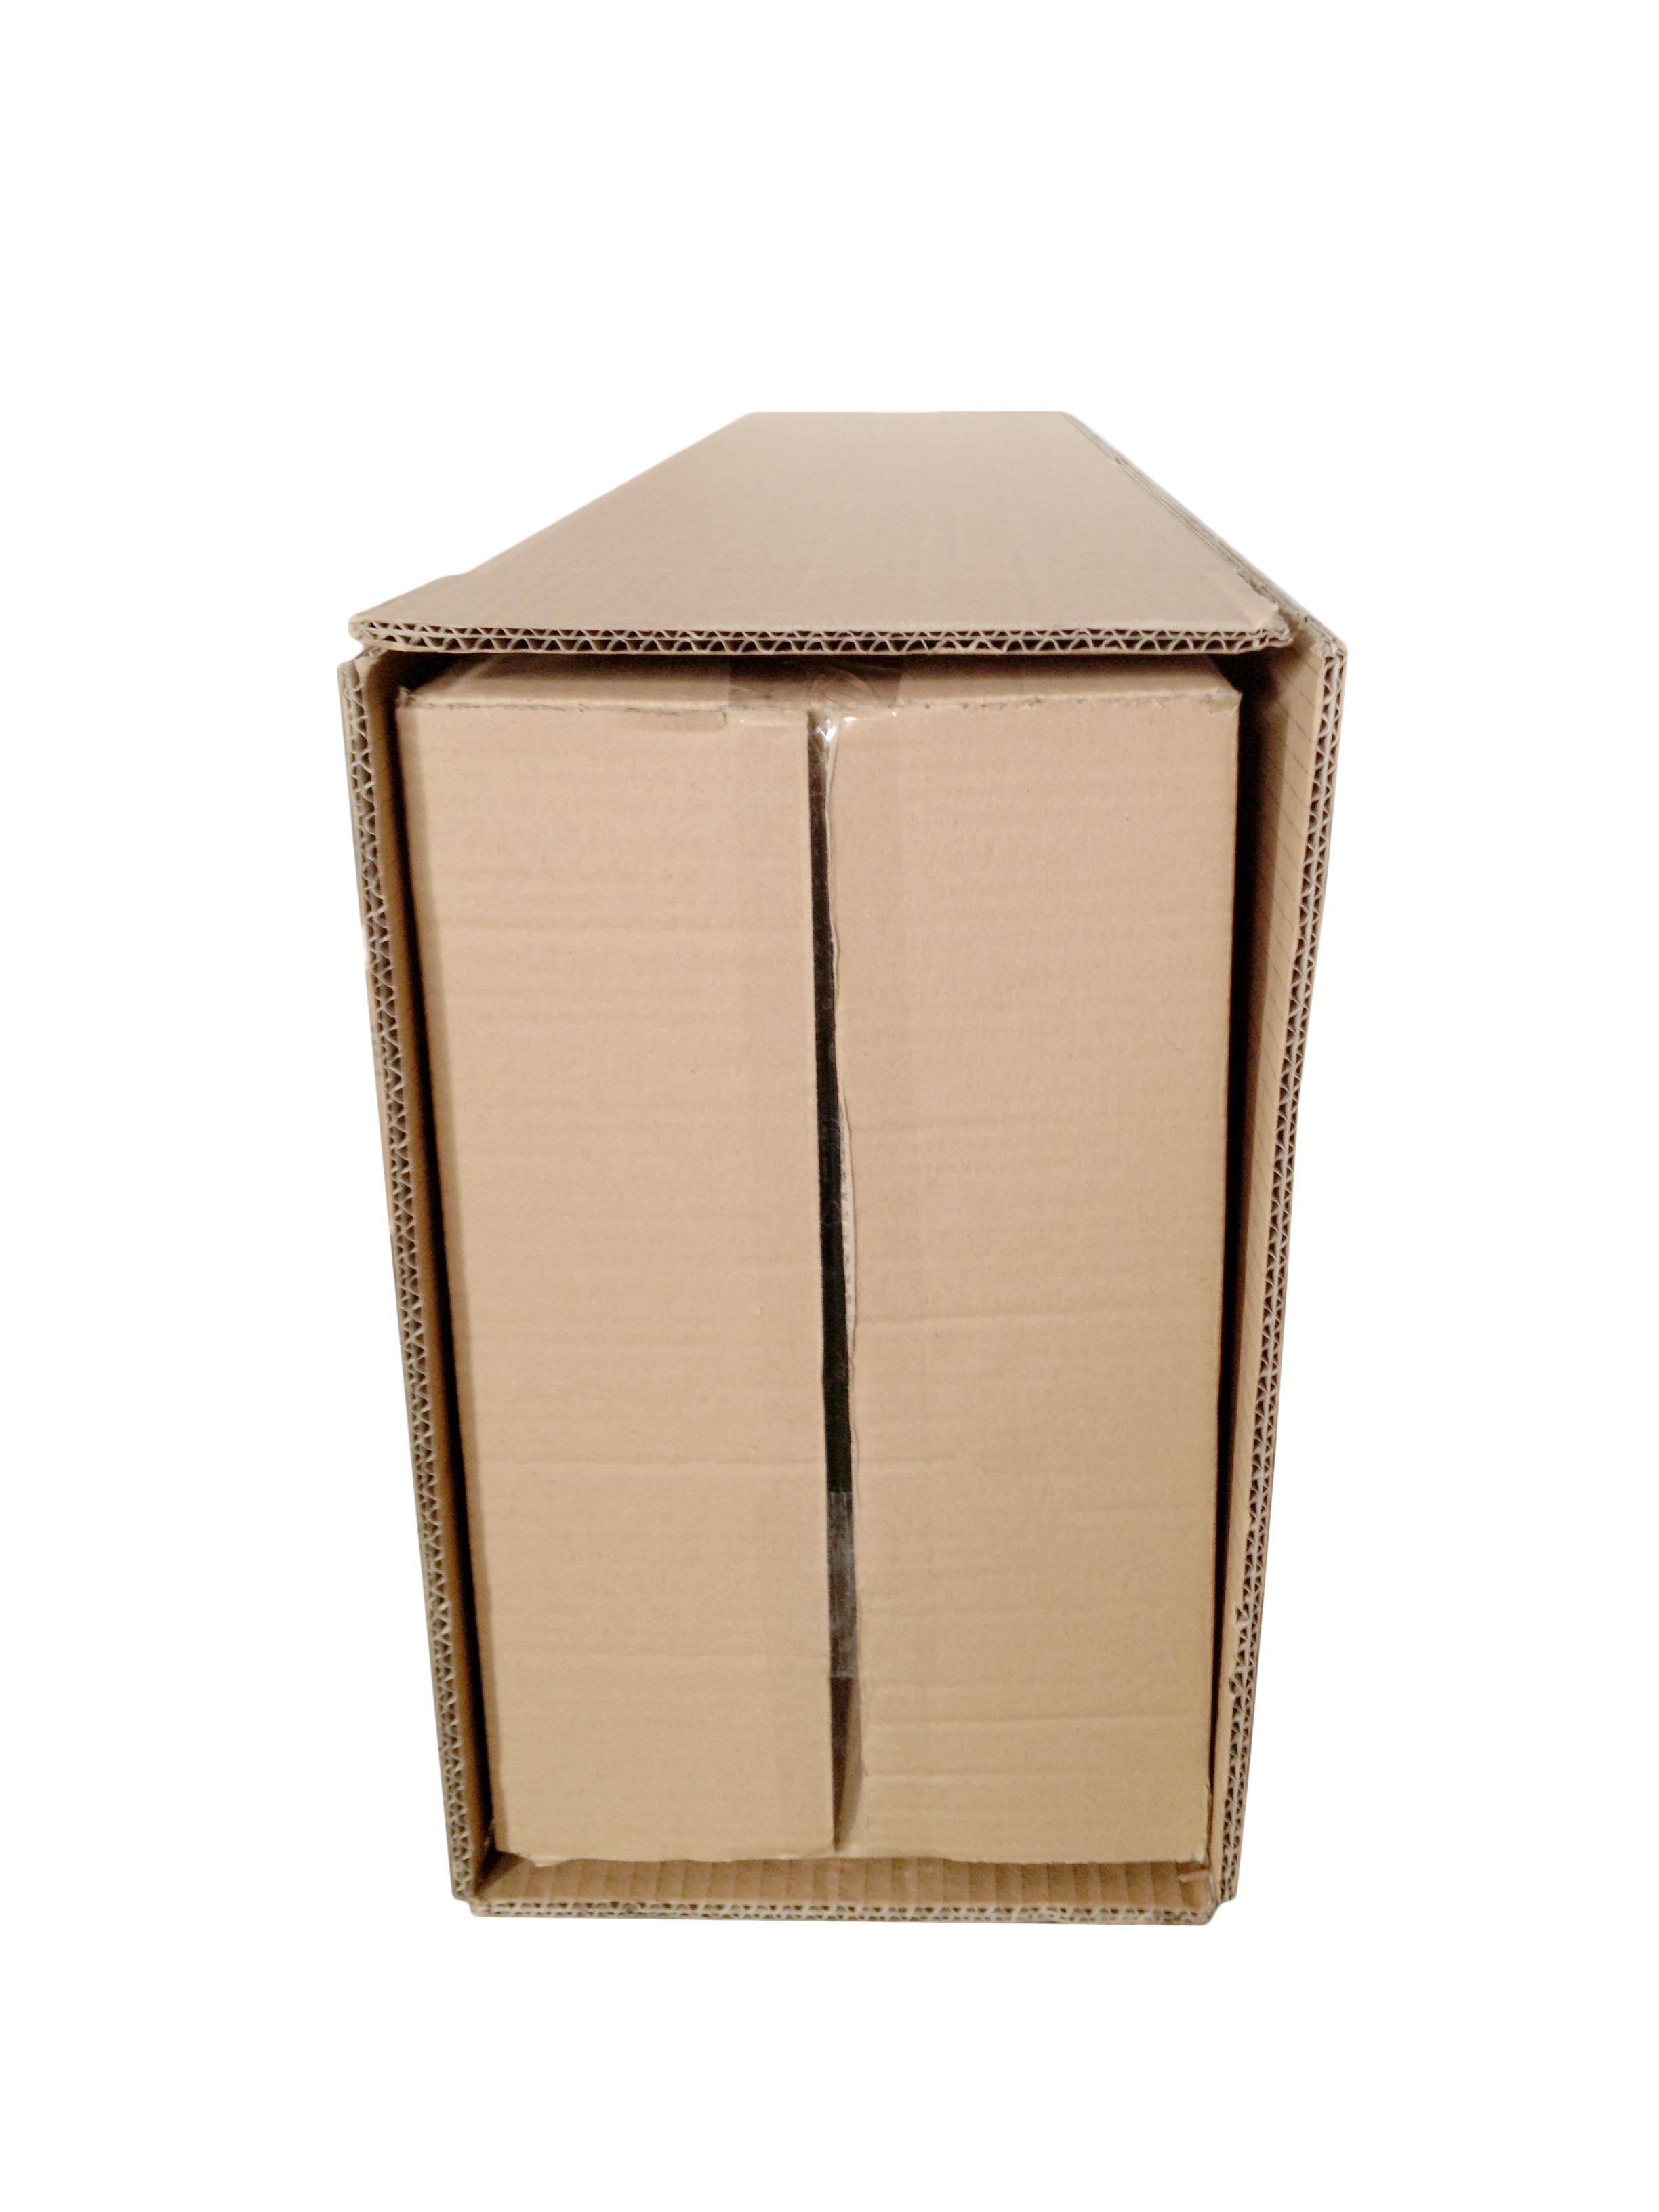 4). Kartons ineinander geschoben